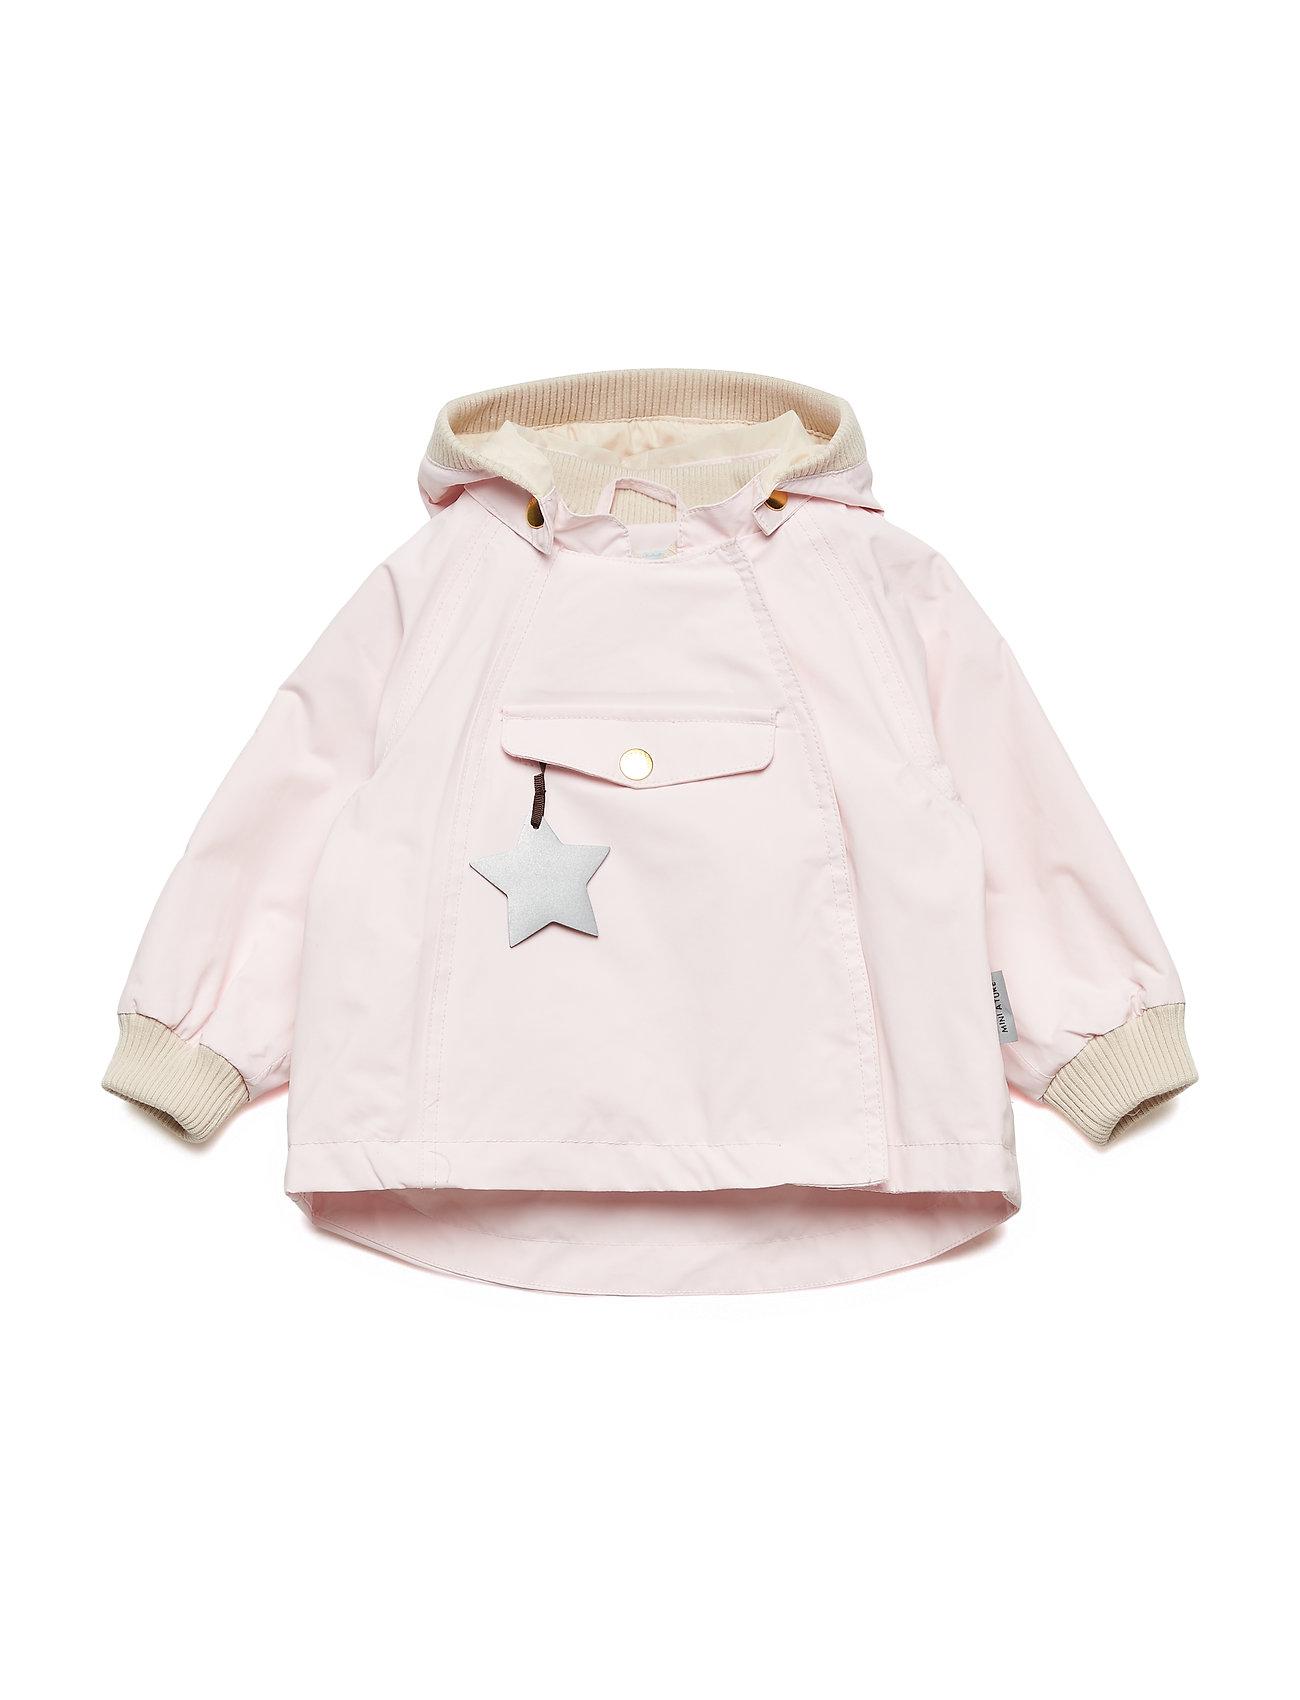 Mini A Ture Wai Jacket, M - BLUSHING PINK